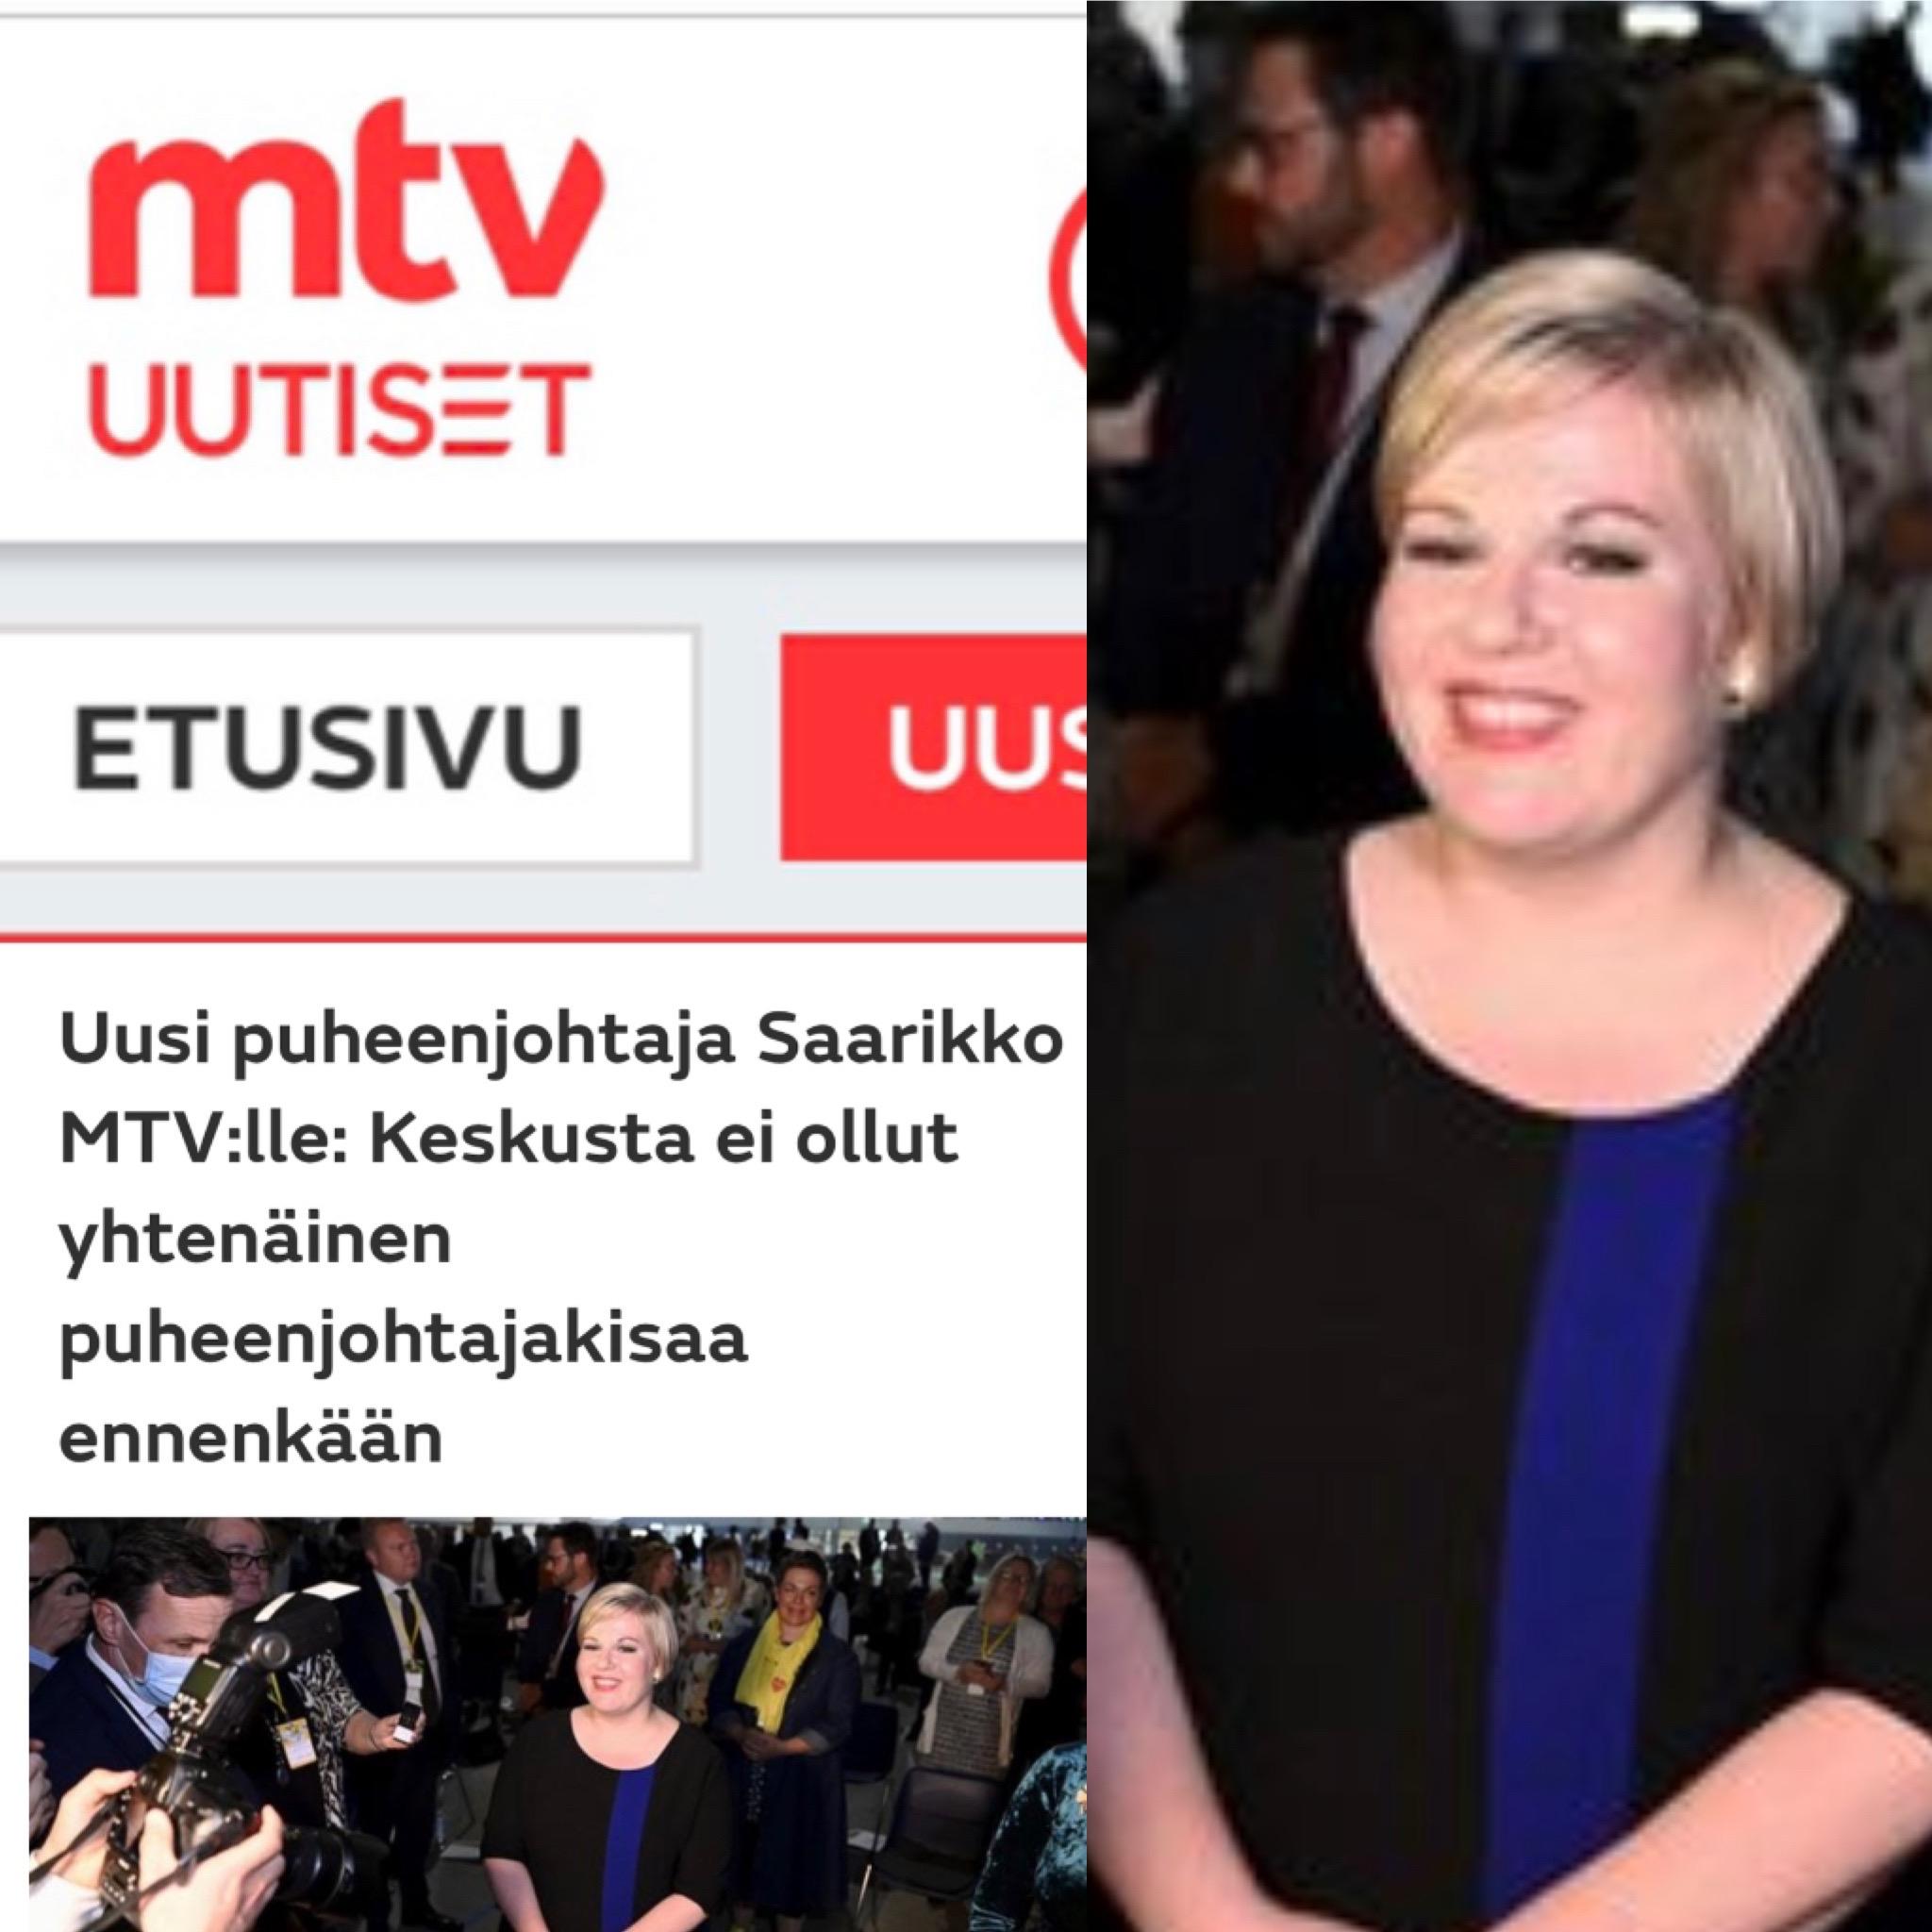 Oliko tiede- ja kulttuuriministeri Annika Saarikon sinimustassa mekossa piiloviesti keskustan puoluekokouksessa Oulussa?